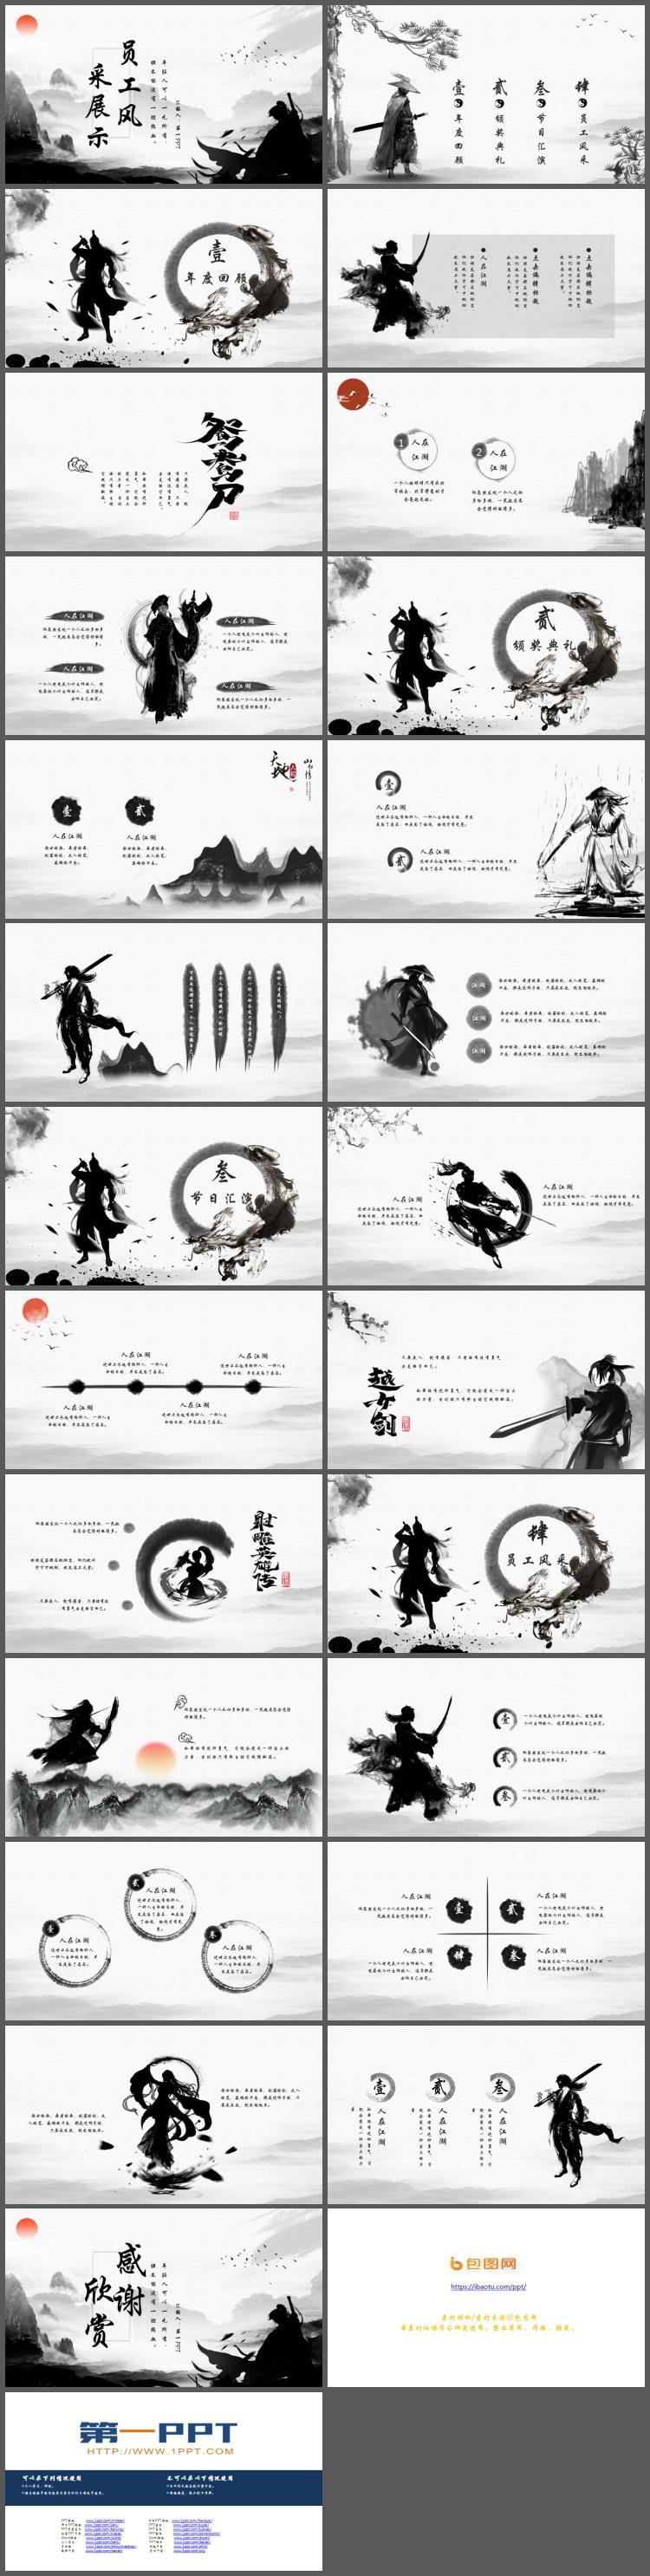 水墨江湖武侠风格企业年会员工风采展示PPT模板